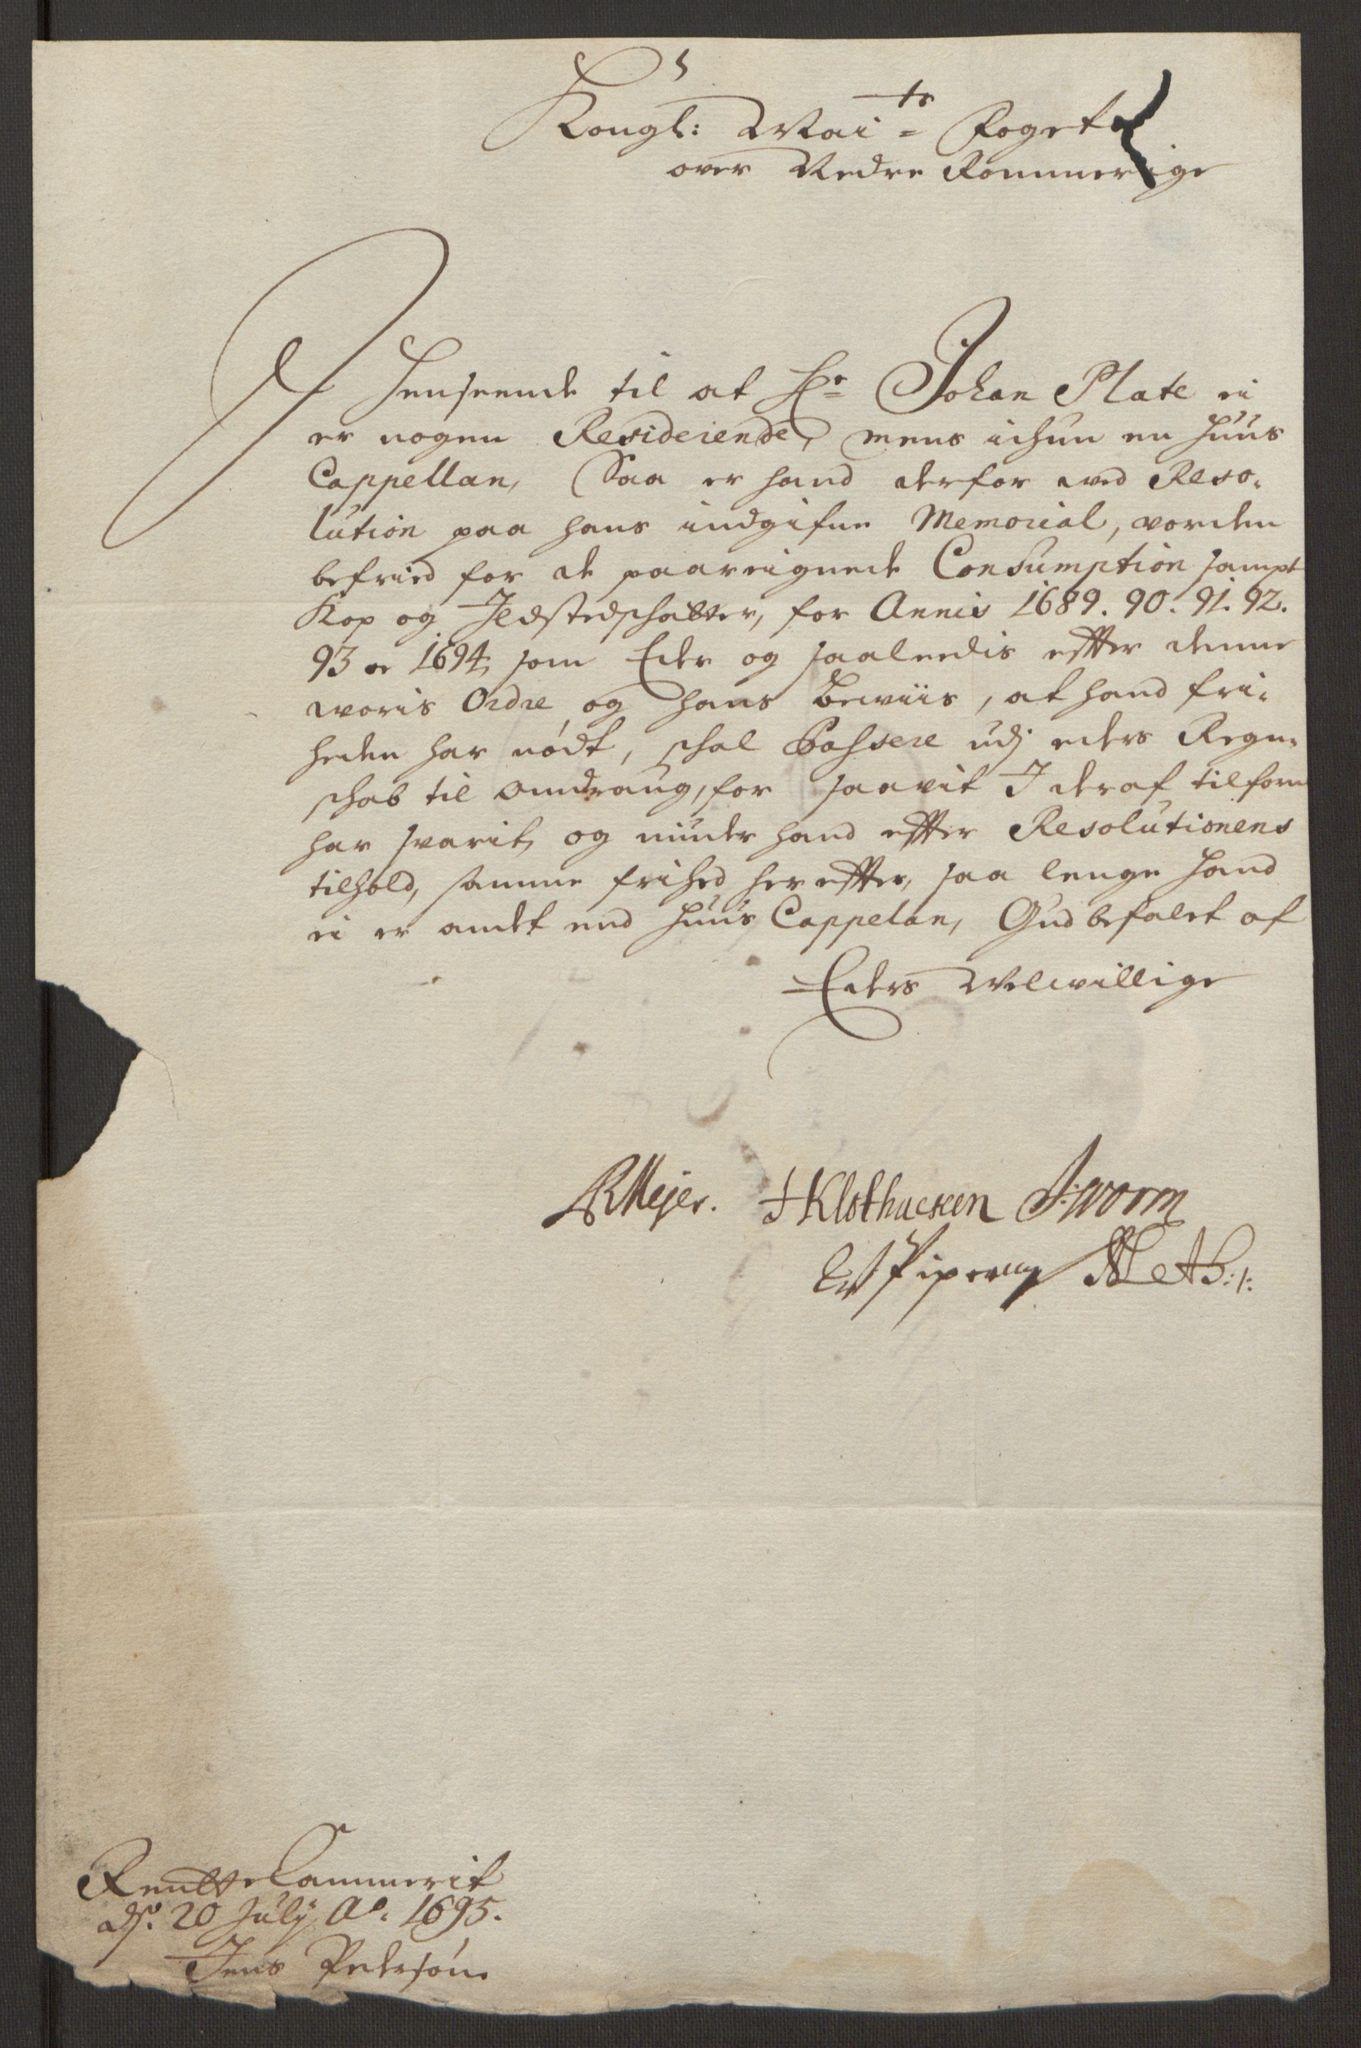 RA, Rentekammeret inntil 1814, Reviderte regnskaper, Fogderegnskap, R11/L0579: Fogderegnskap Nedre Romerike, 1694-1695, s. 421